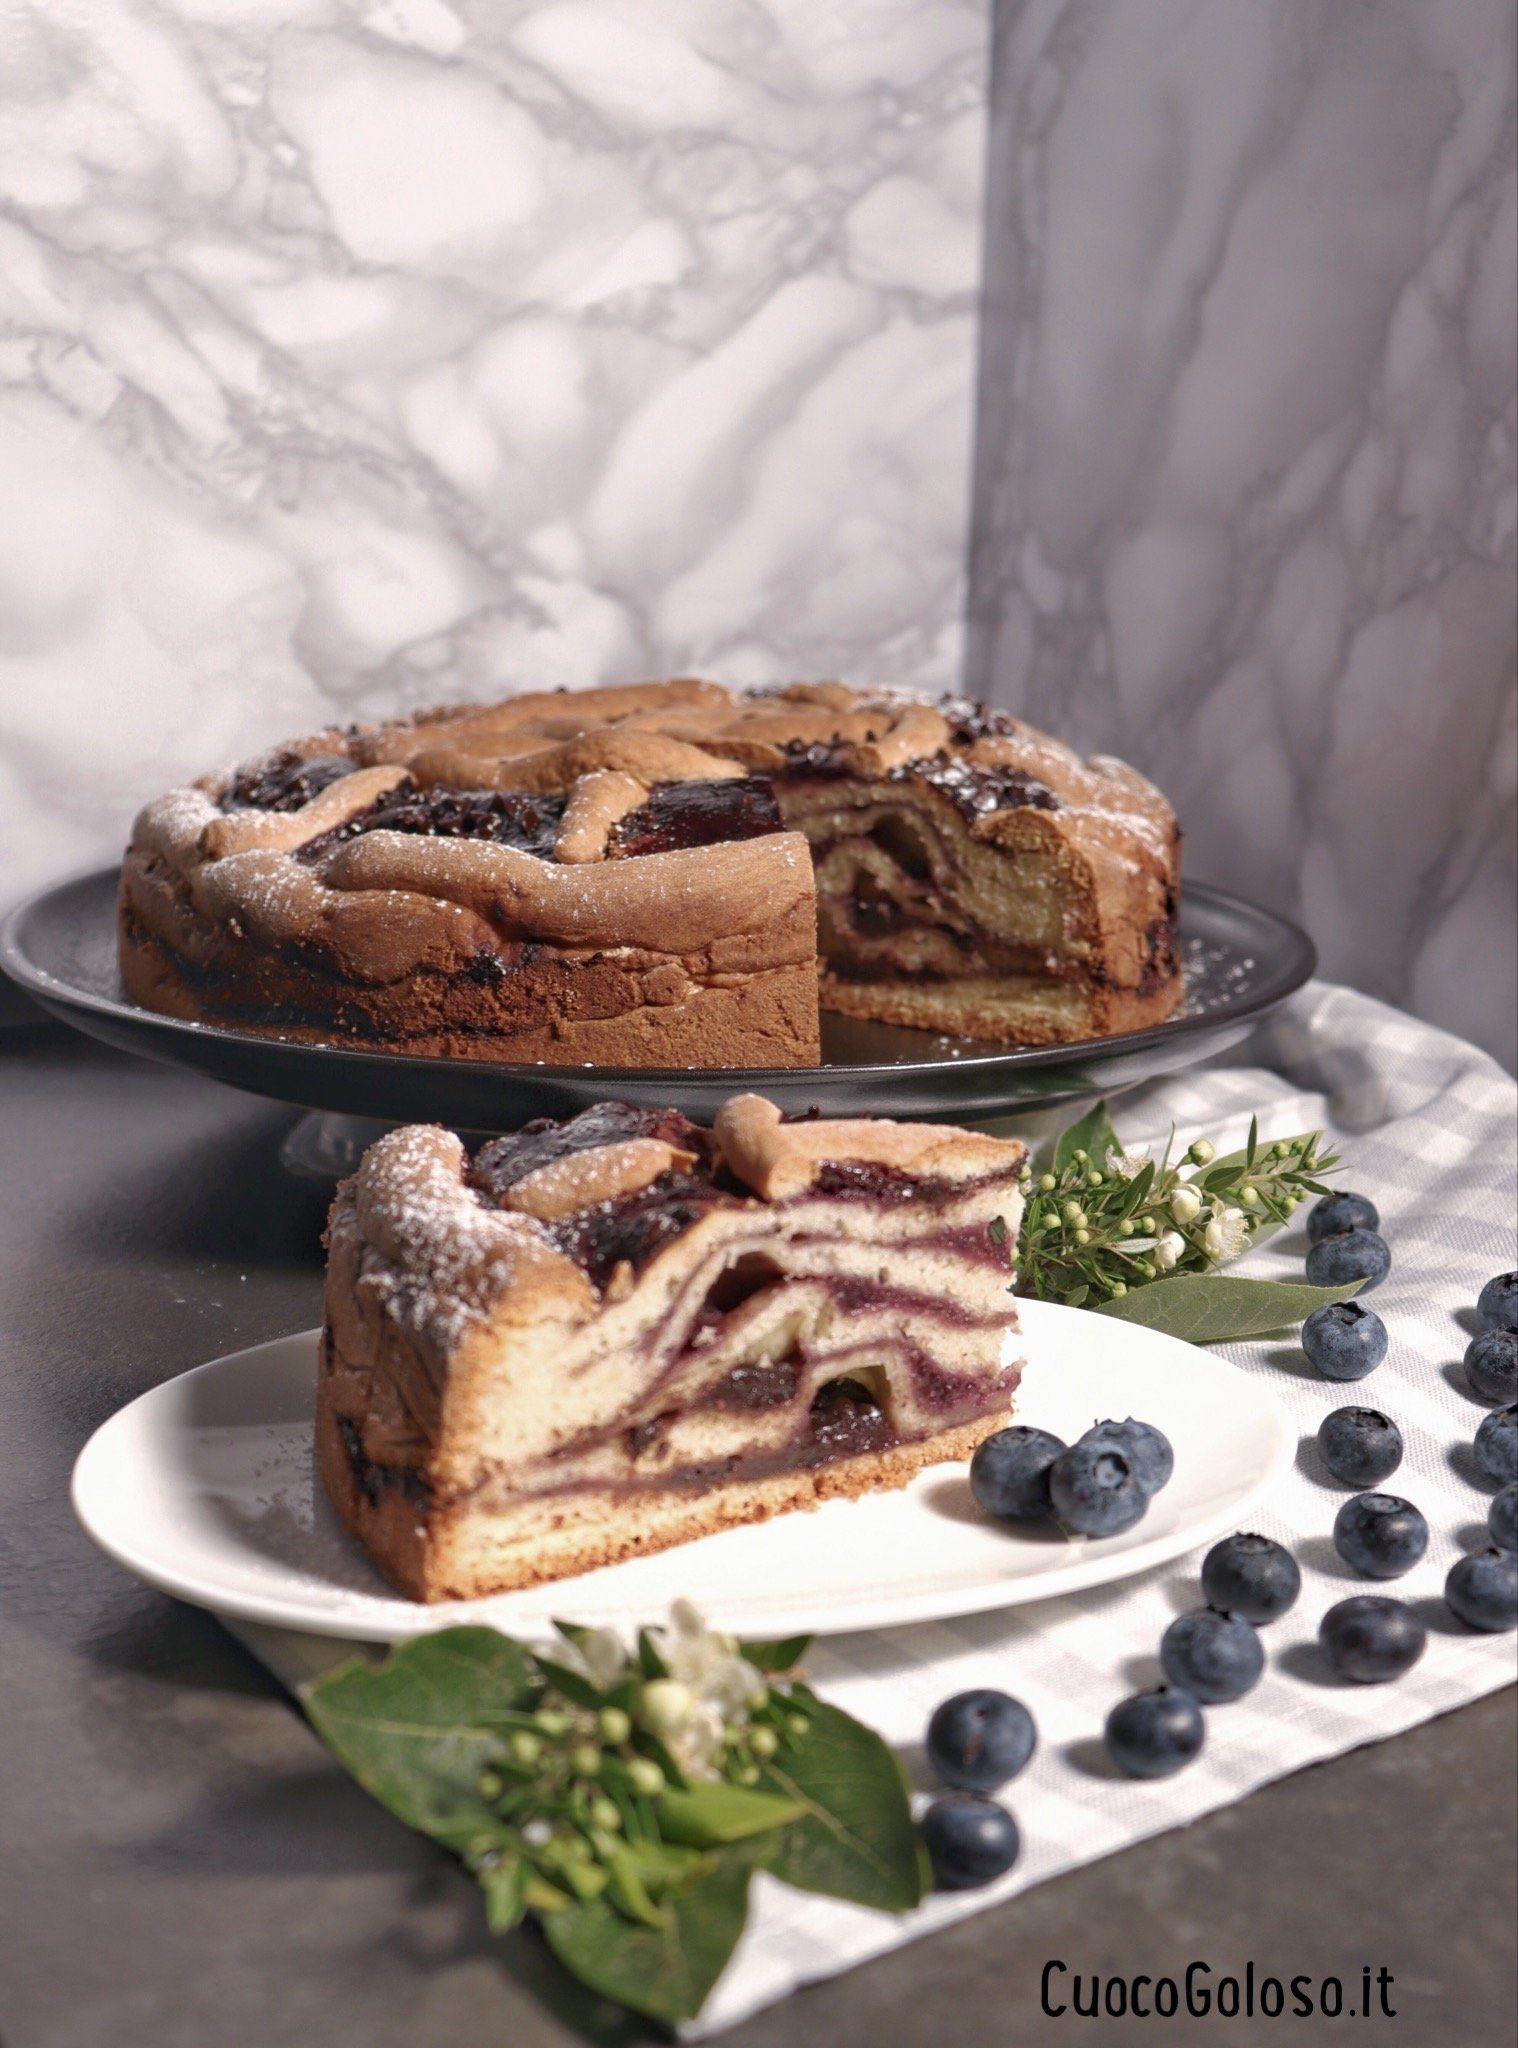 Torta Stratificata con Confettura di Mirtilli e Gocce di Cioccolato